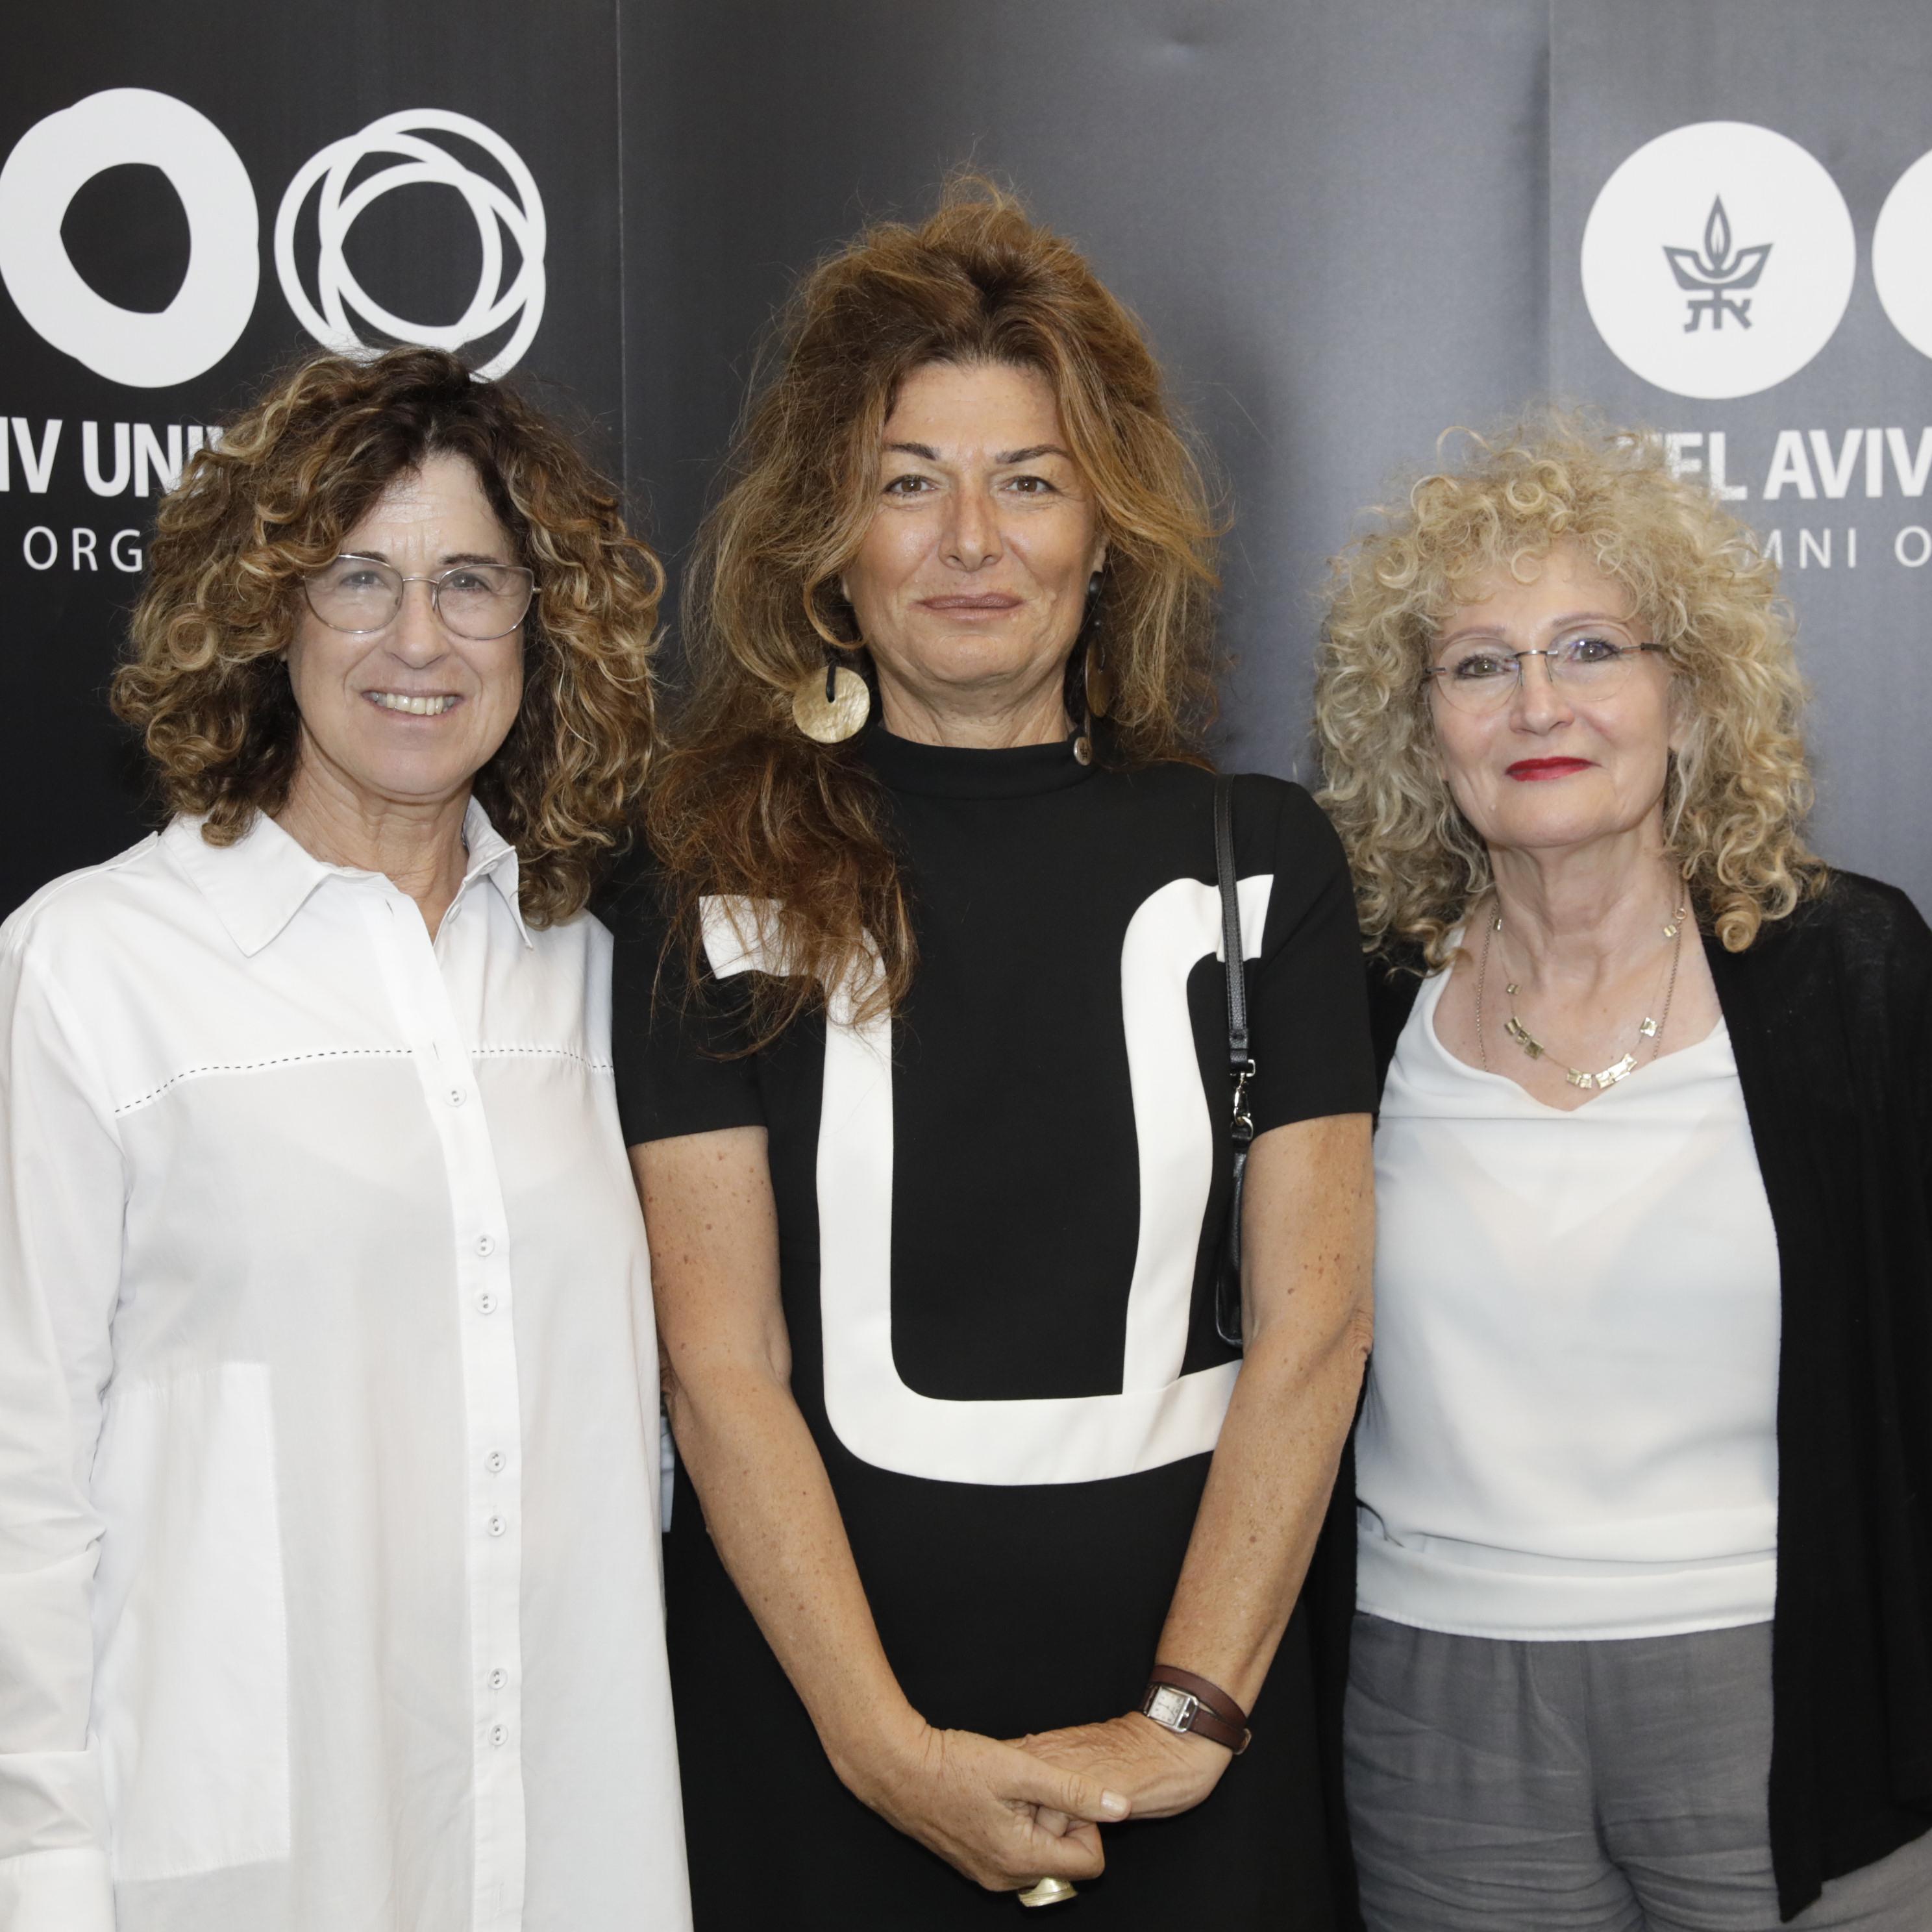 אירוע בלעדי לבוגרות ובוגרי אוניברסיטת תל אביב ב'אנו - מוזיאון העם היהודי'